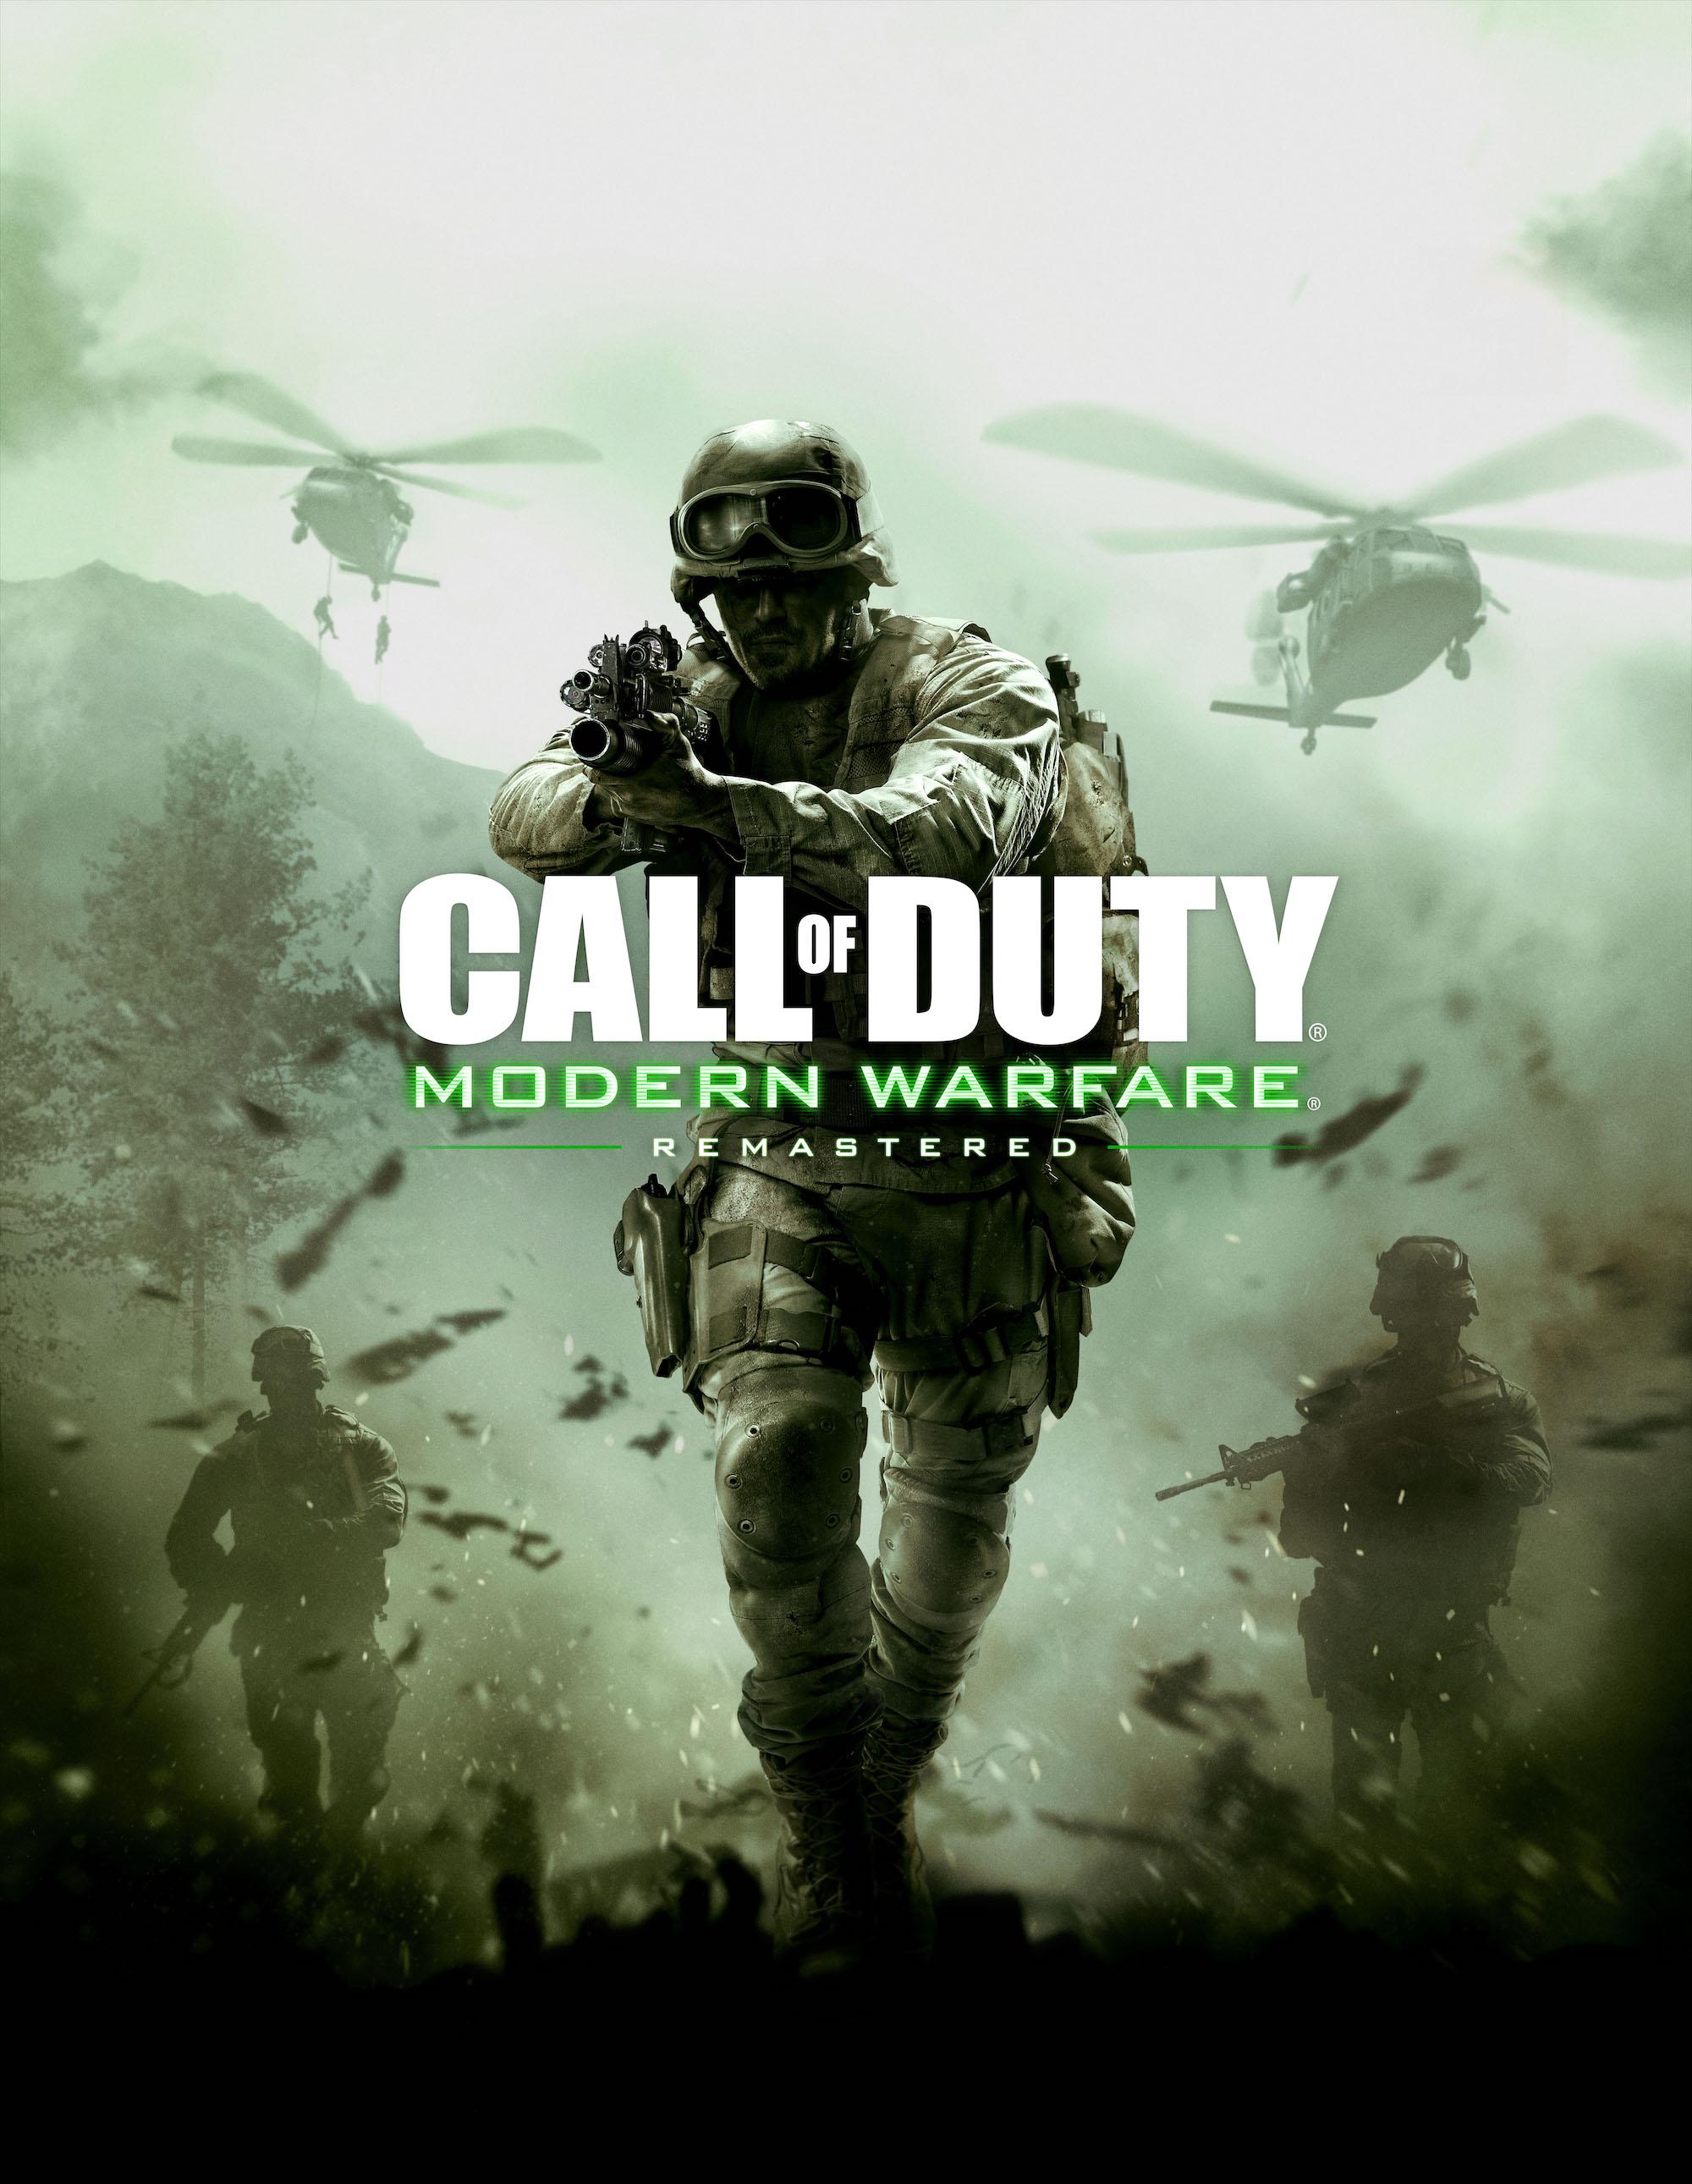 Znalezione obrazy dla zapytania call of duty modern warfare remastered okładka